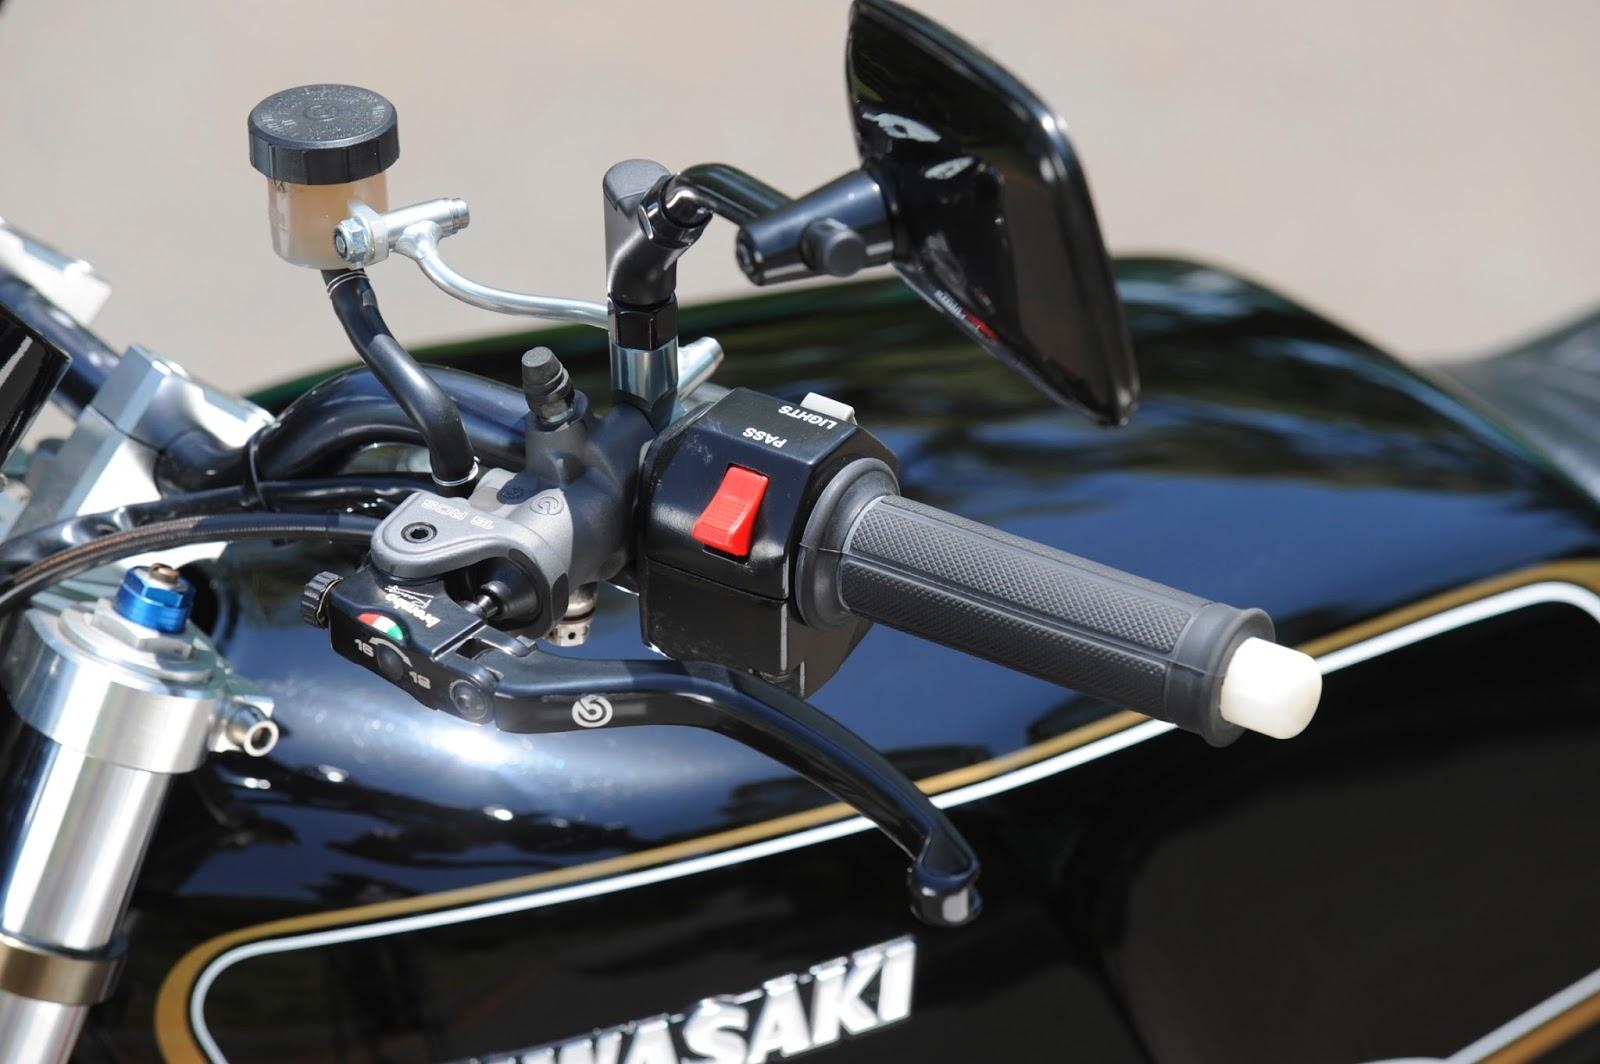 Racing Caf    Kawasaki KZ 1000 MKII RCM 132 by Sanctuary Tokyo West